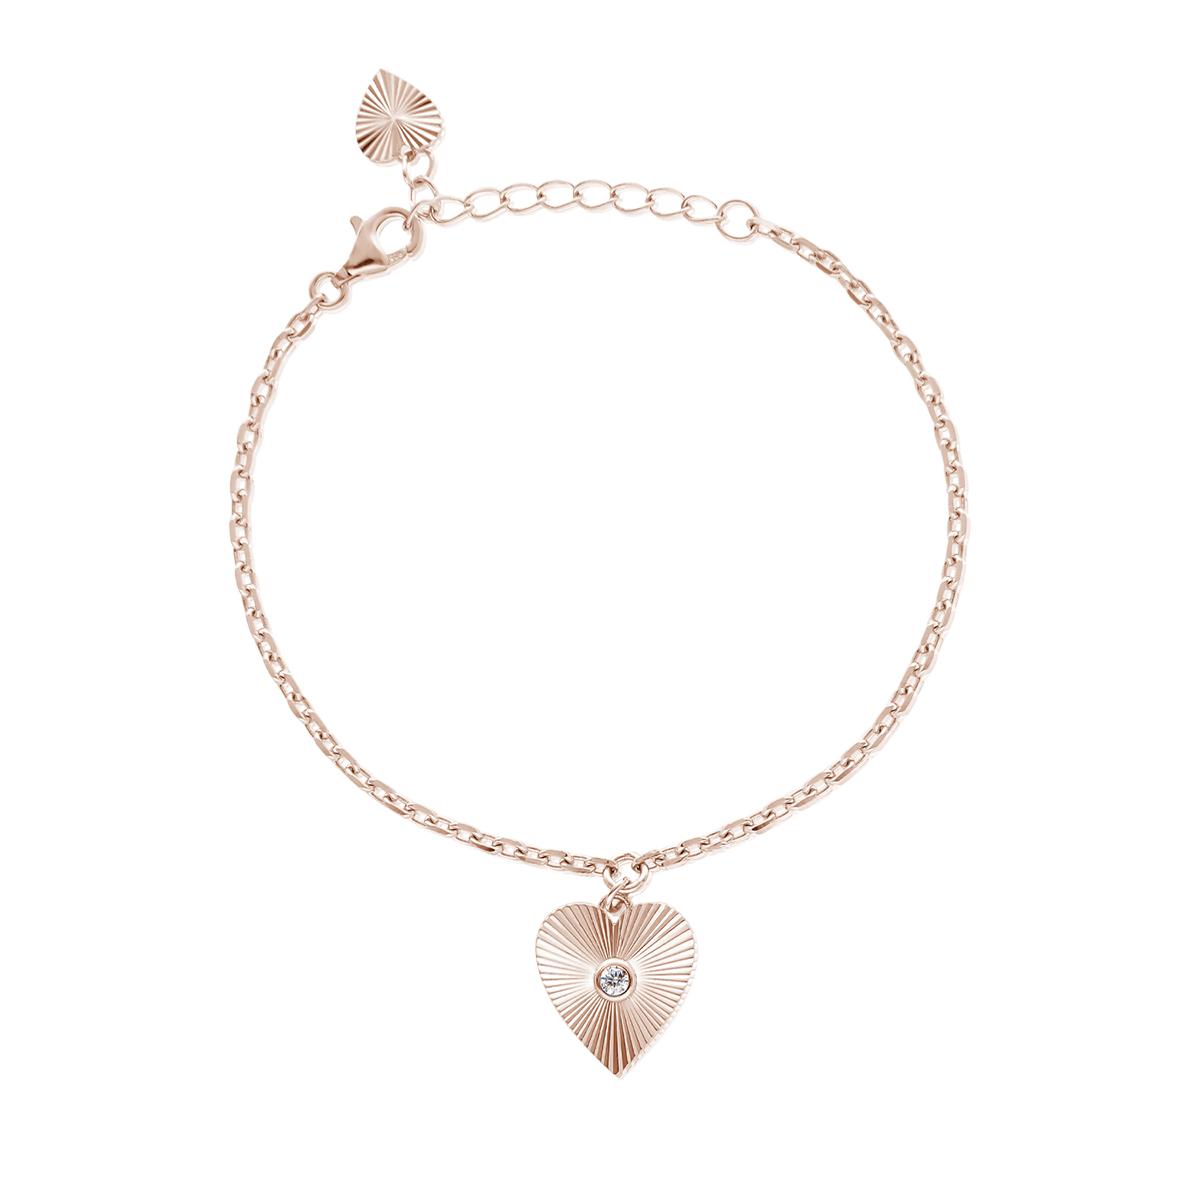 Bracciale Donna Mabina in Argento rosato con charm cuore raggi di luce 533405